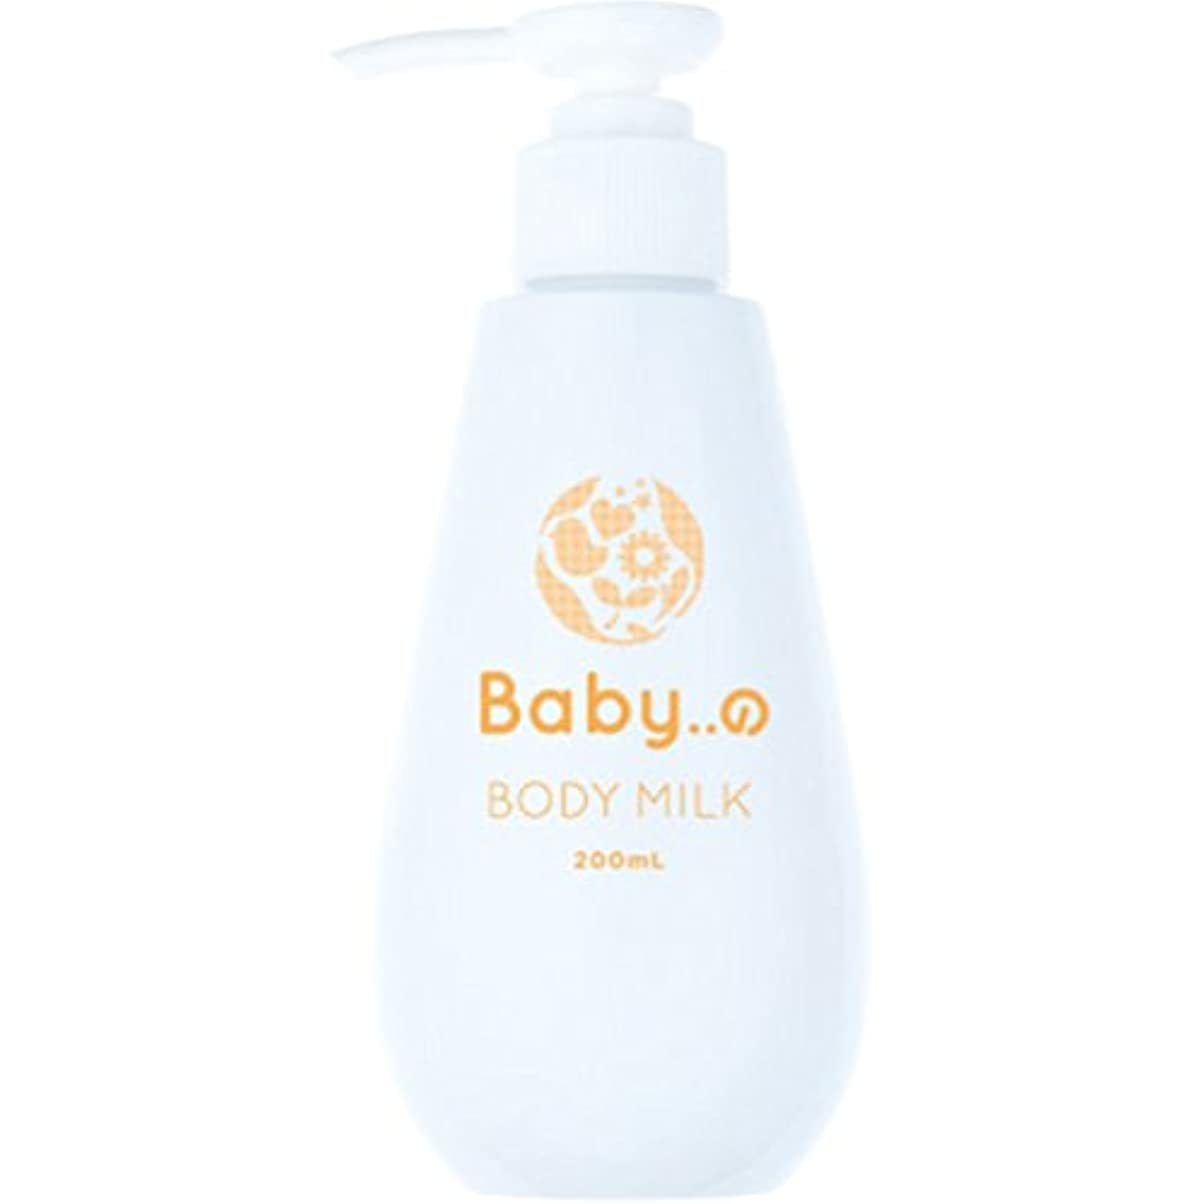 Babyの ボディーミルク 200ml